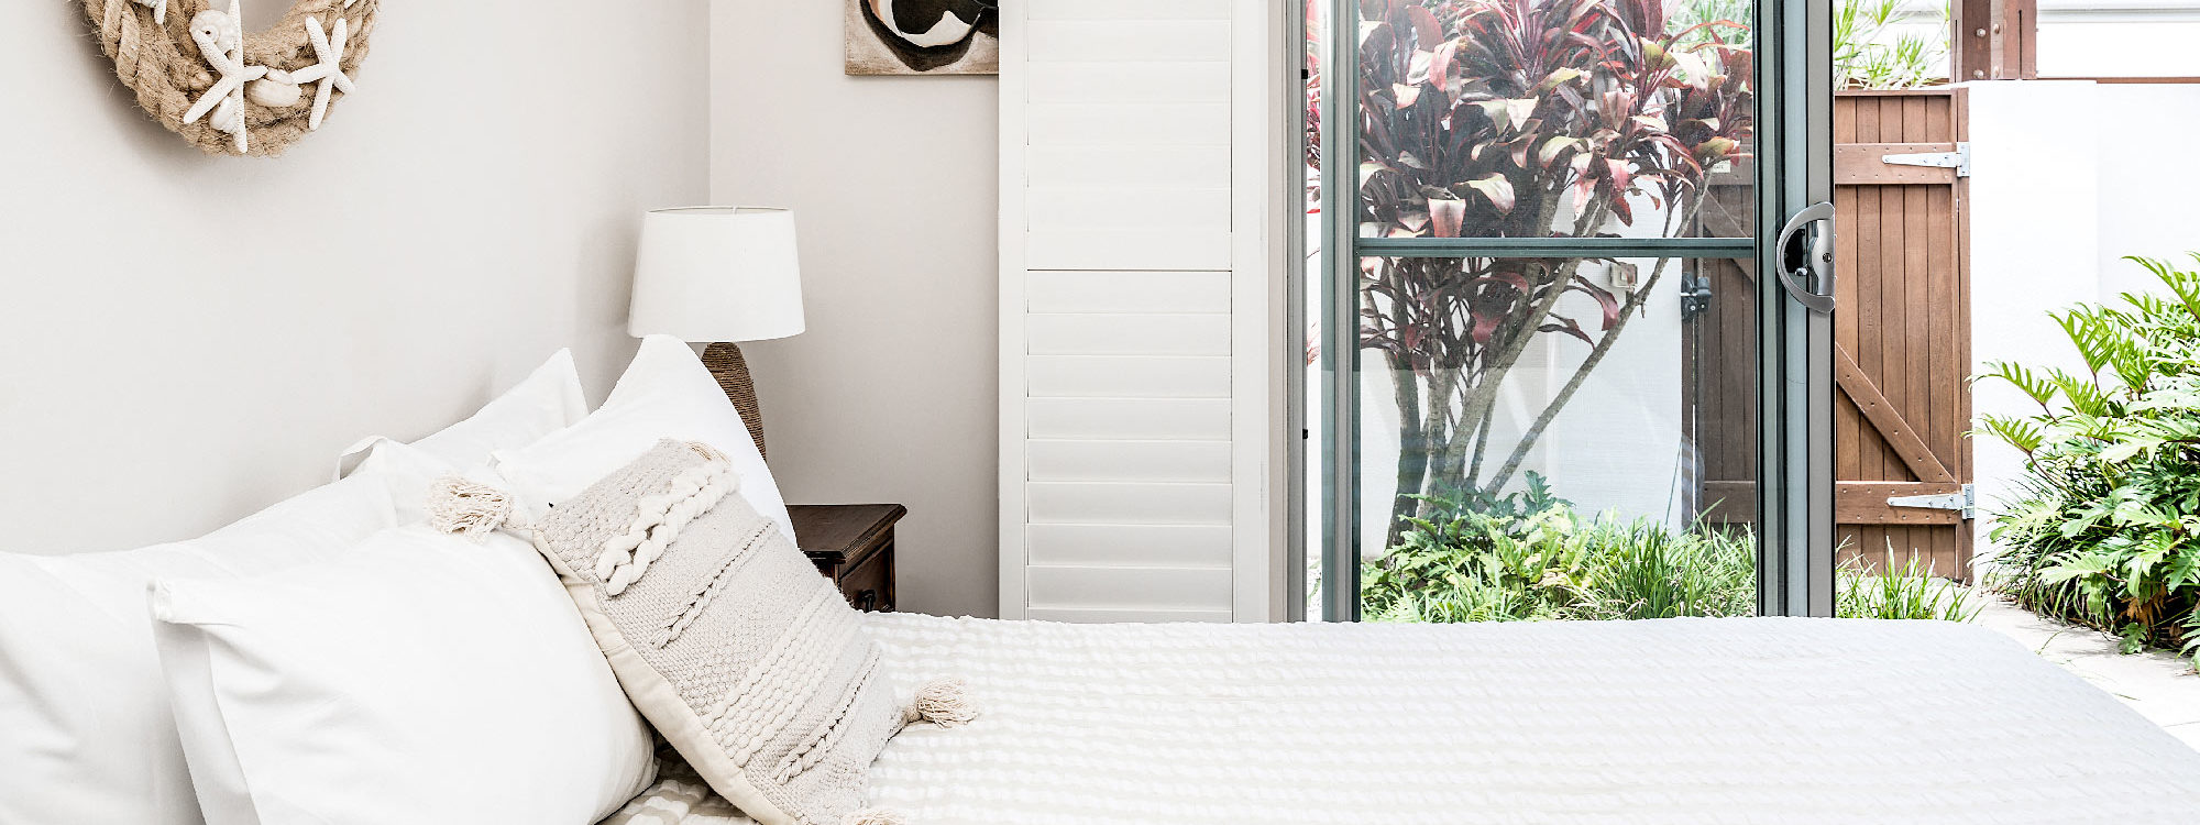 At Driftaway - Byron Bay - Bedroom downstairs b